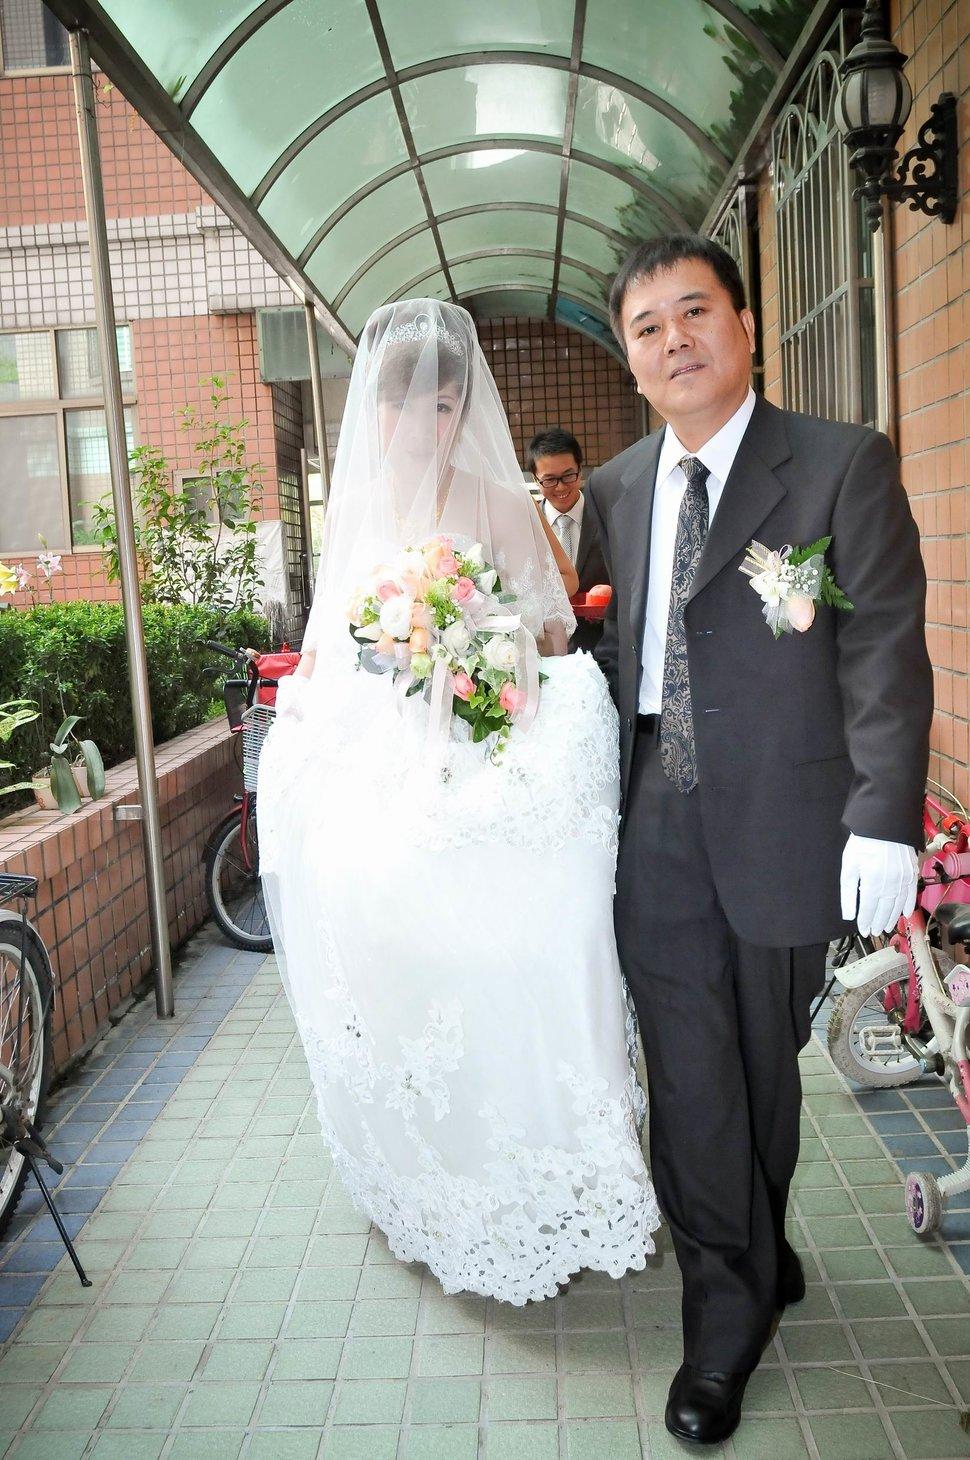 專業婚攝婚禮紀錄婚禮紀錄專業錄影婚禮錄影婚禮記錄動態微電影錄影專業錄影平面攝影婚攝婚禮主持人(編號:280459) - 蜜月拍照10800錄影12800攝影團隊 - 結婚吧